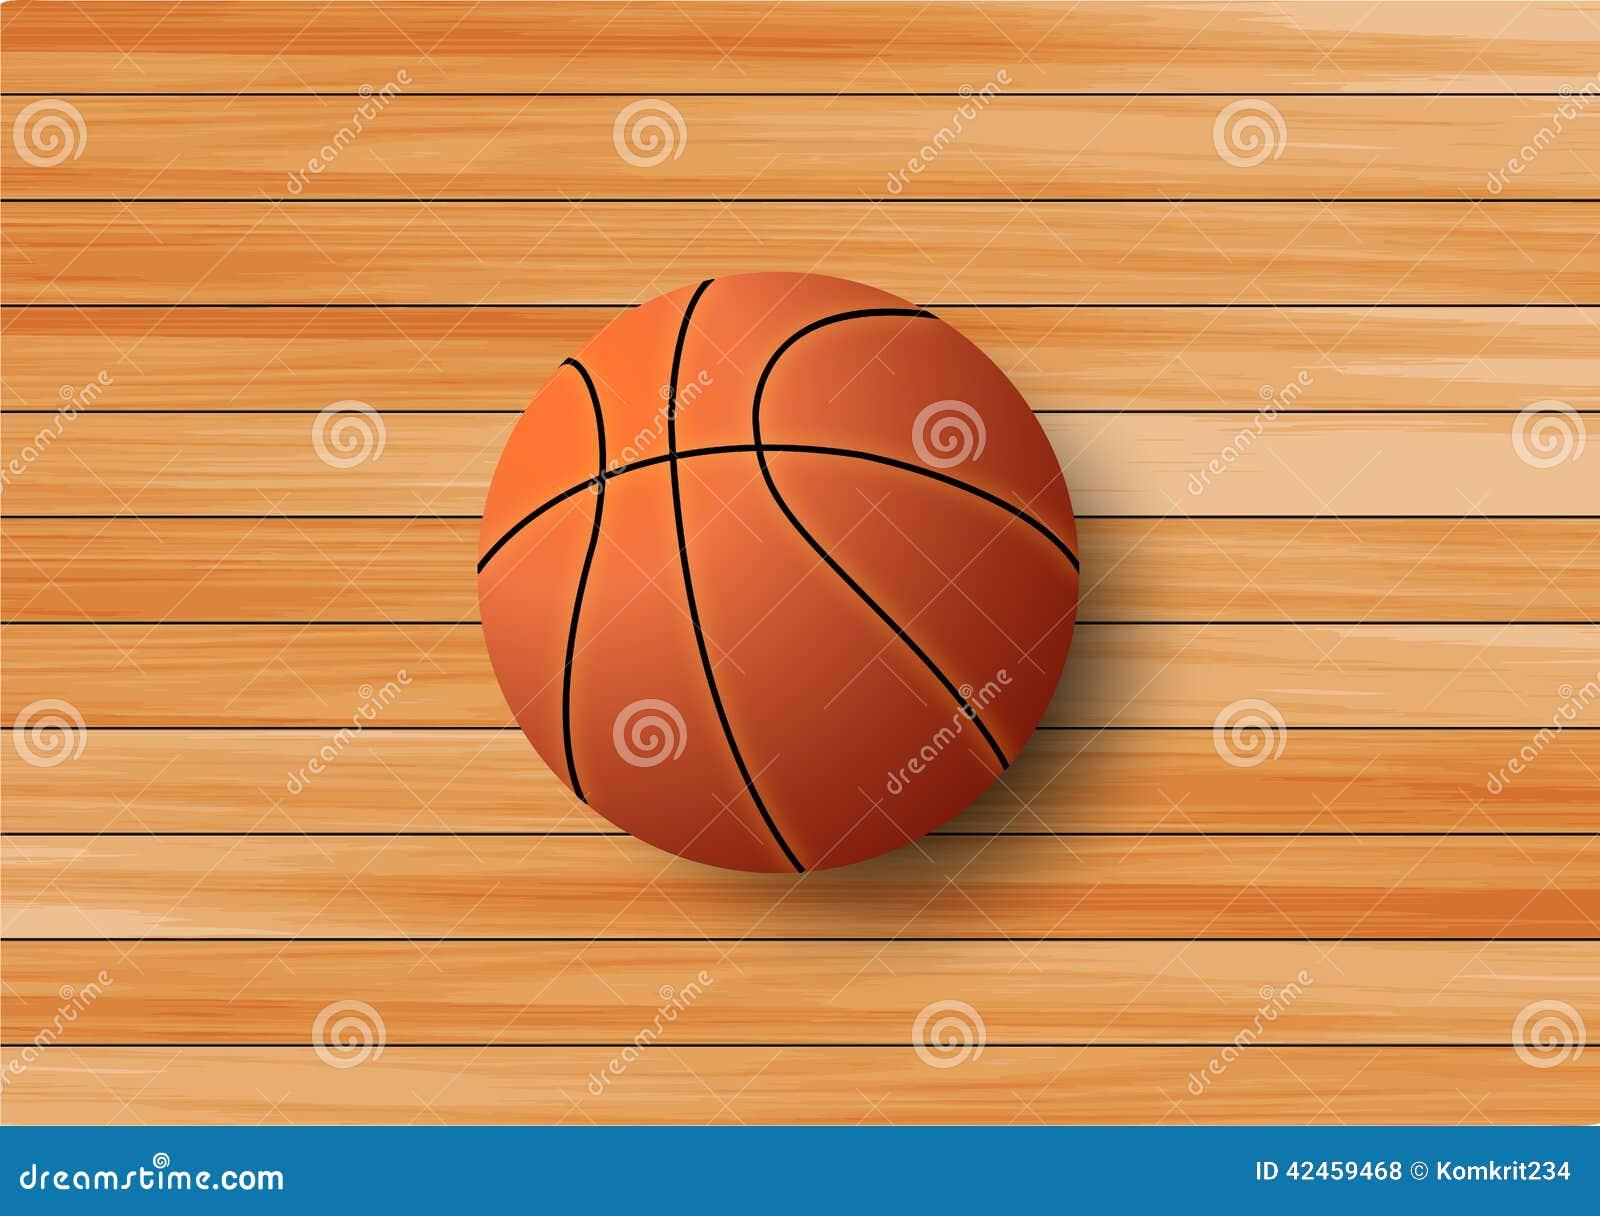 Basketball auf dem Massivholzbodenhintergrund